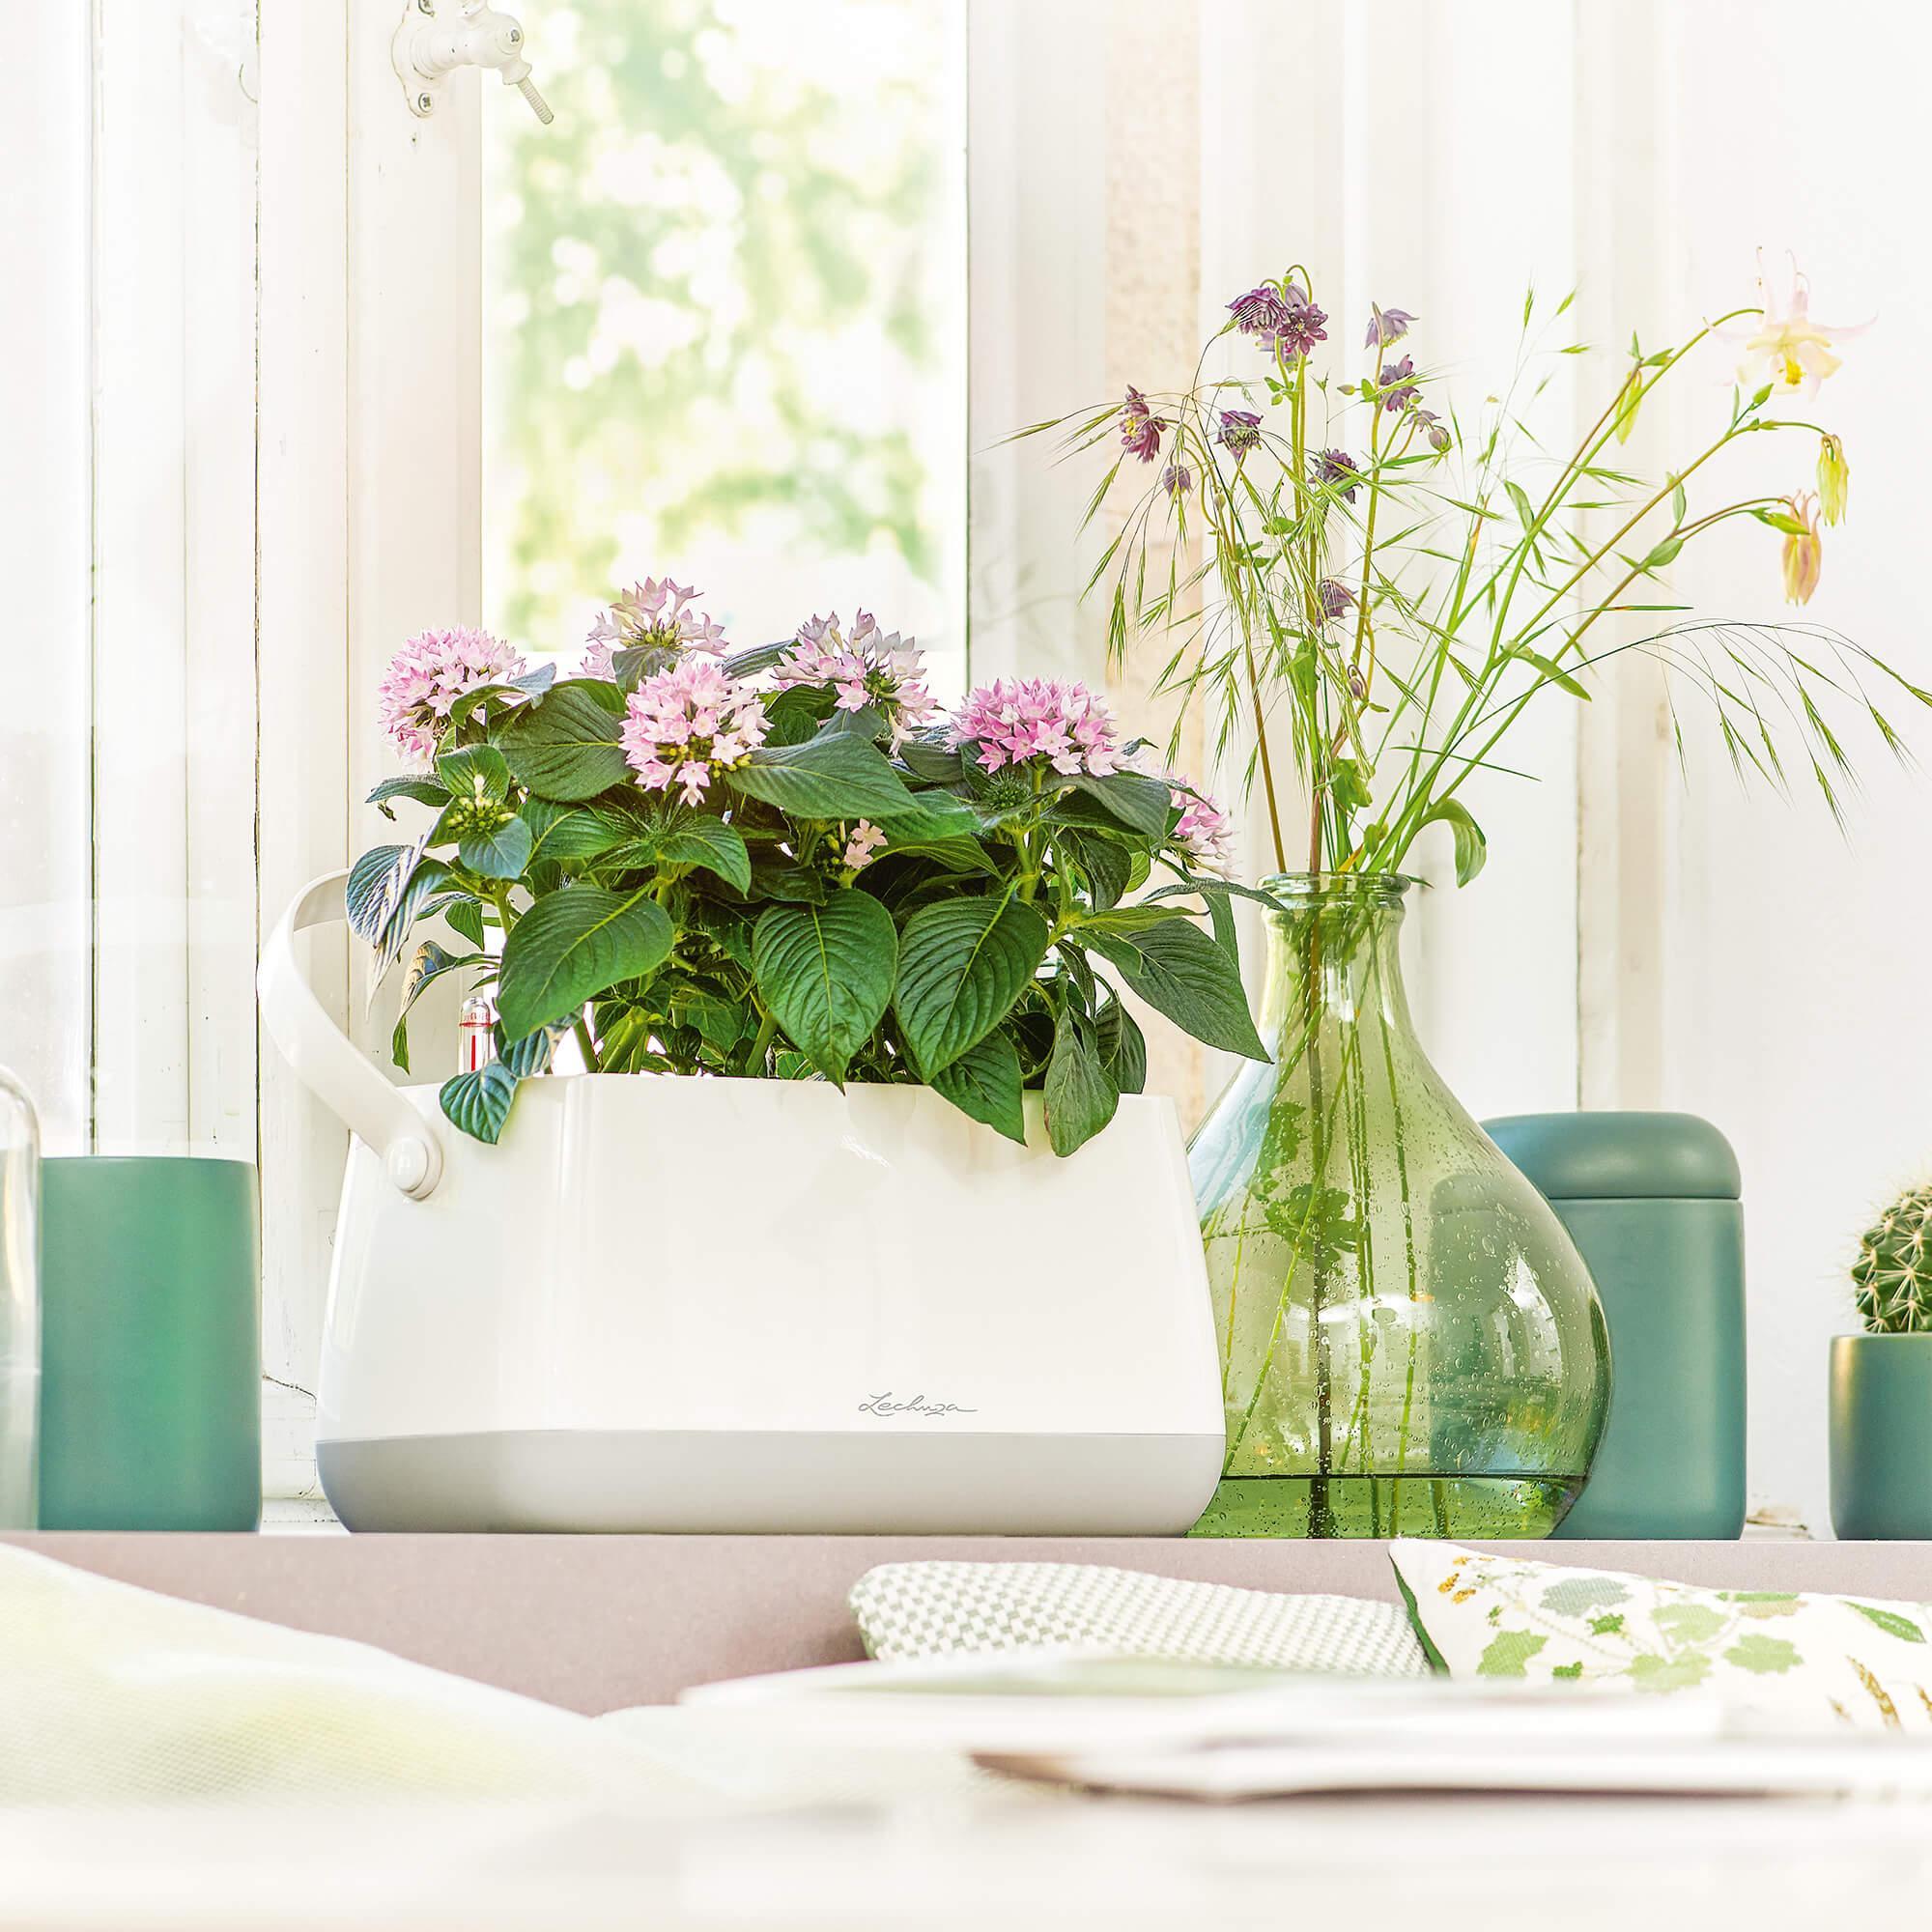 Корзинка для растений YULA белый/фисташковый - изображение 5